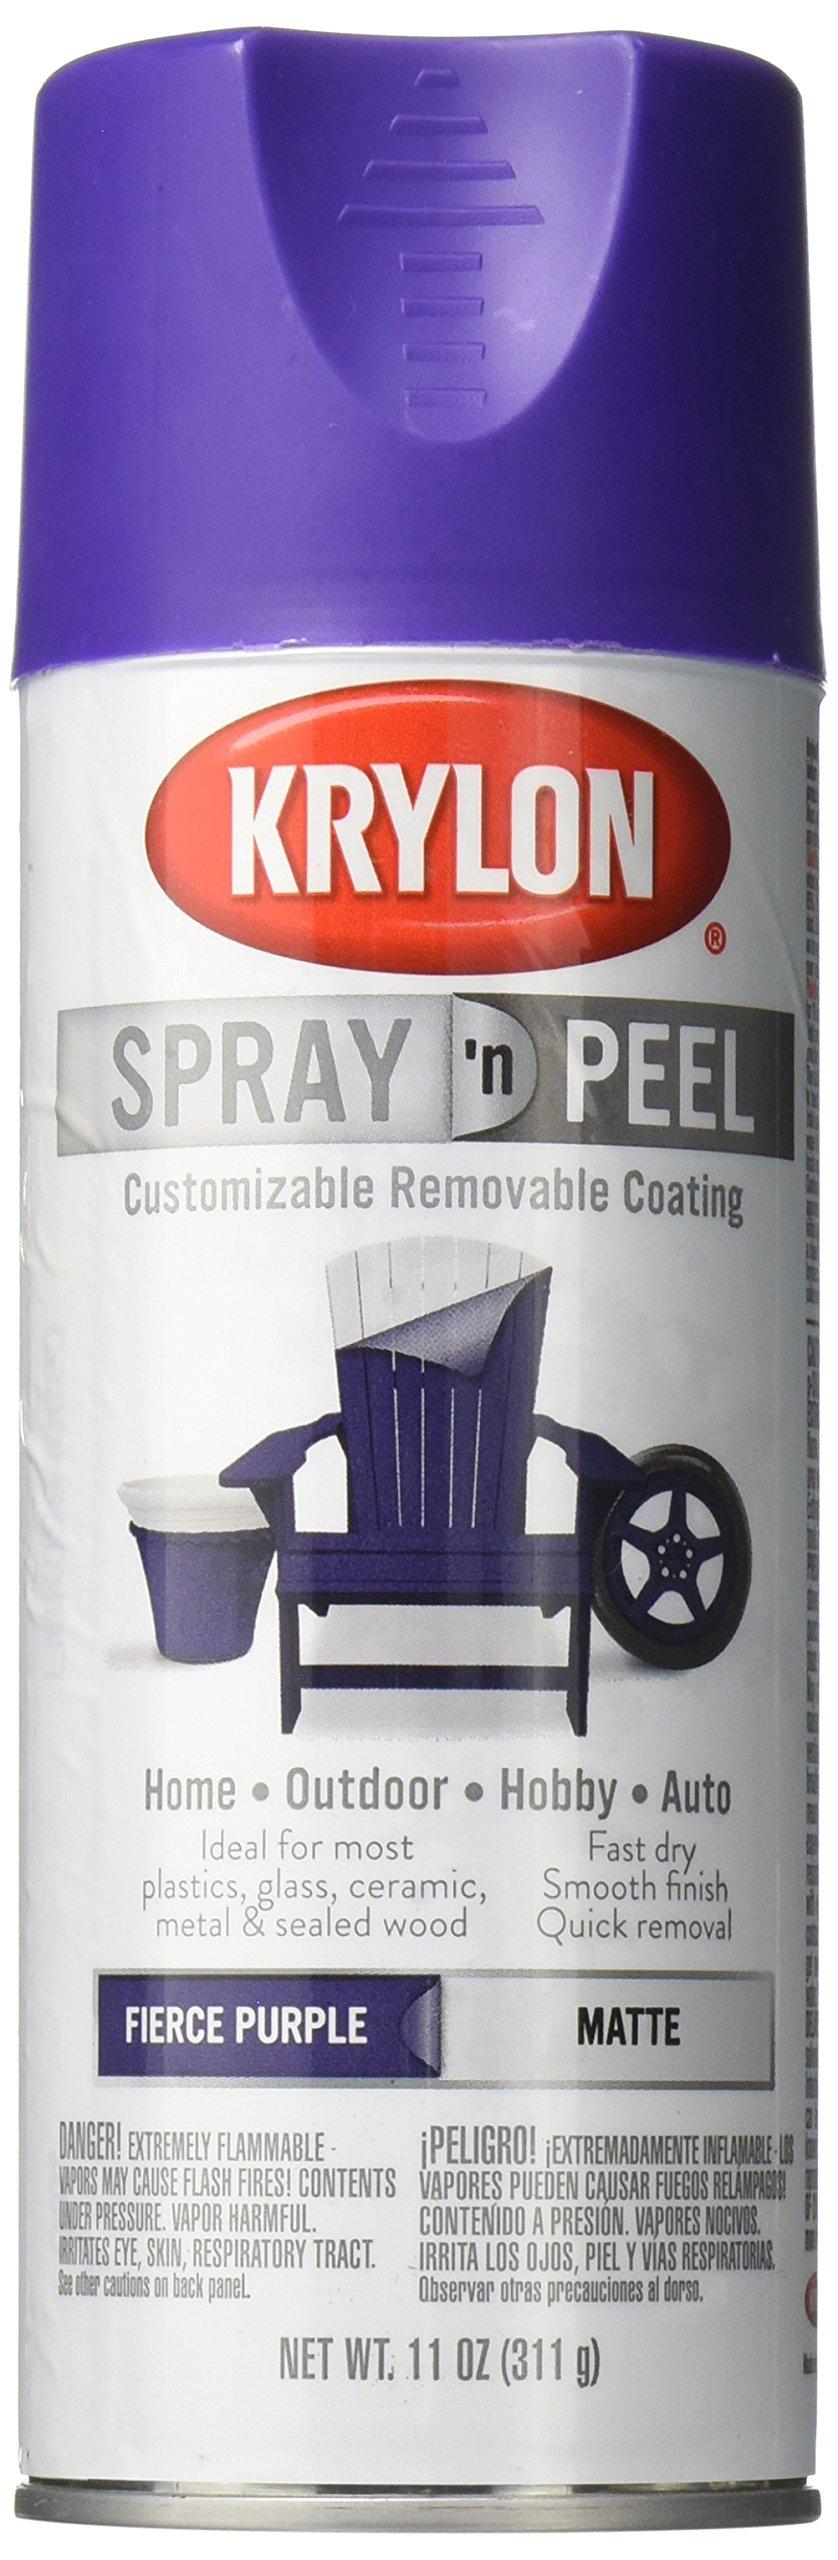 Krylon K09940000 Spray 'n Peel Paint, Matte Fierce Purple, 11 Ounce